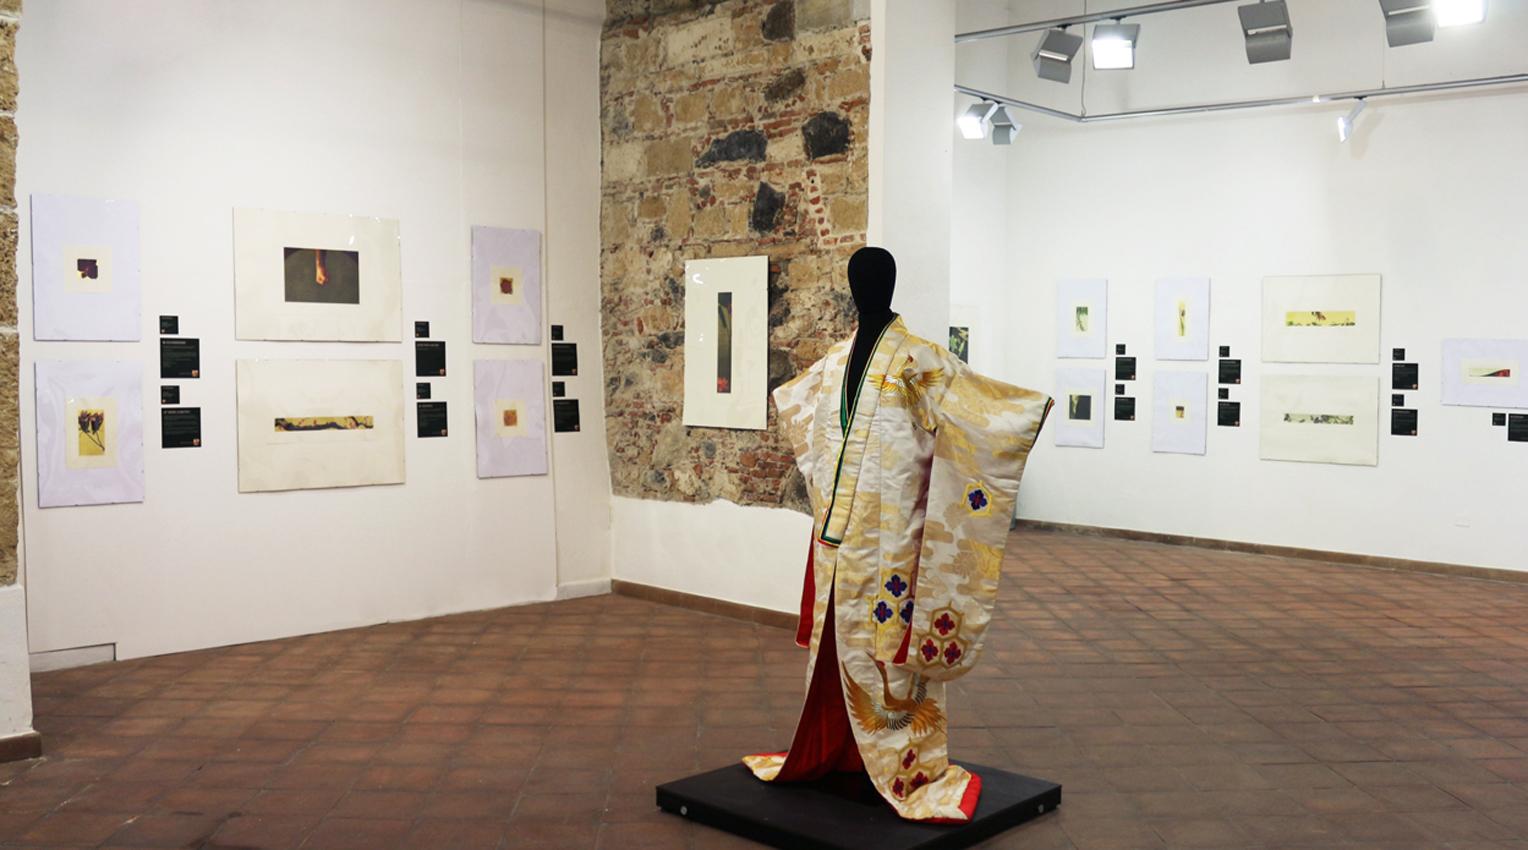 """La Mostra """"Spendori dal Giappone"""" verrà prorogata fino a domenica 19 aprile 2015 nella Pinacoteca comunale """"Carlo Contini"""" Via Sant'Antonio Oristano (OR)."""